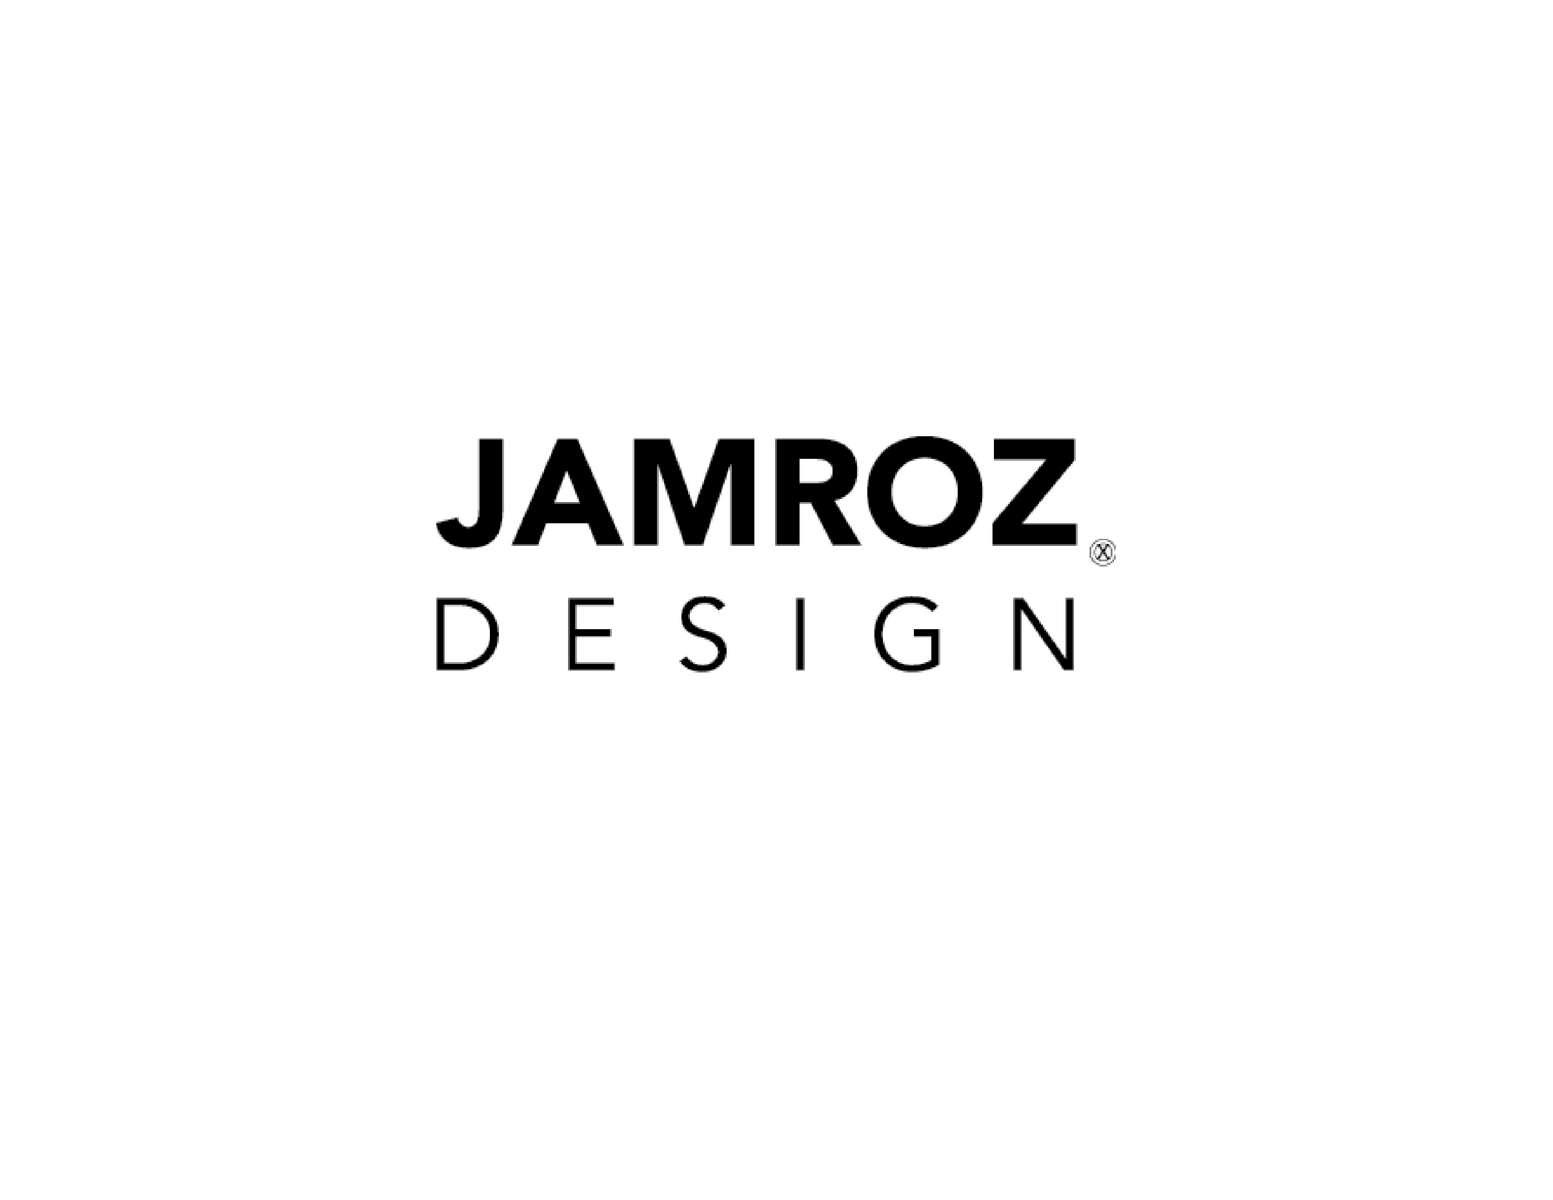 Jamroz-Design-landing-page